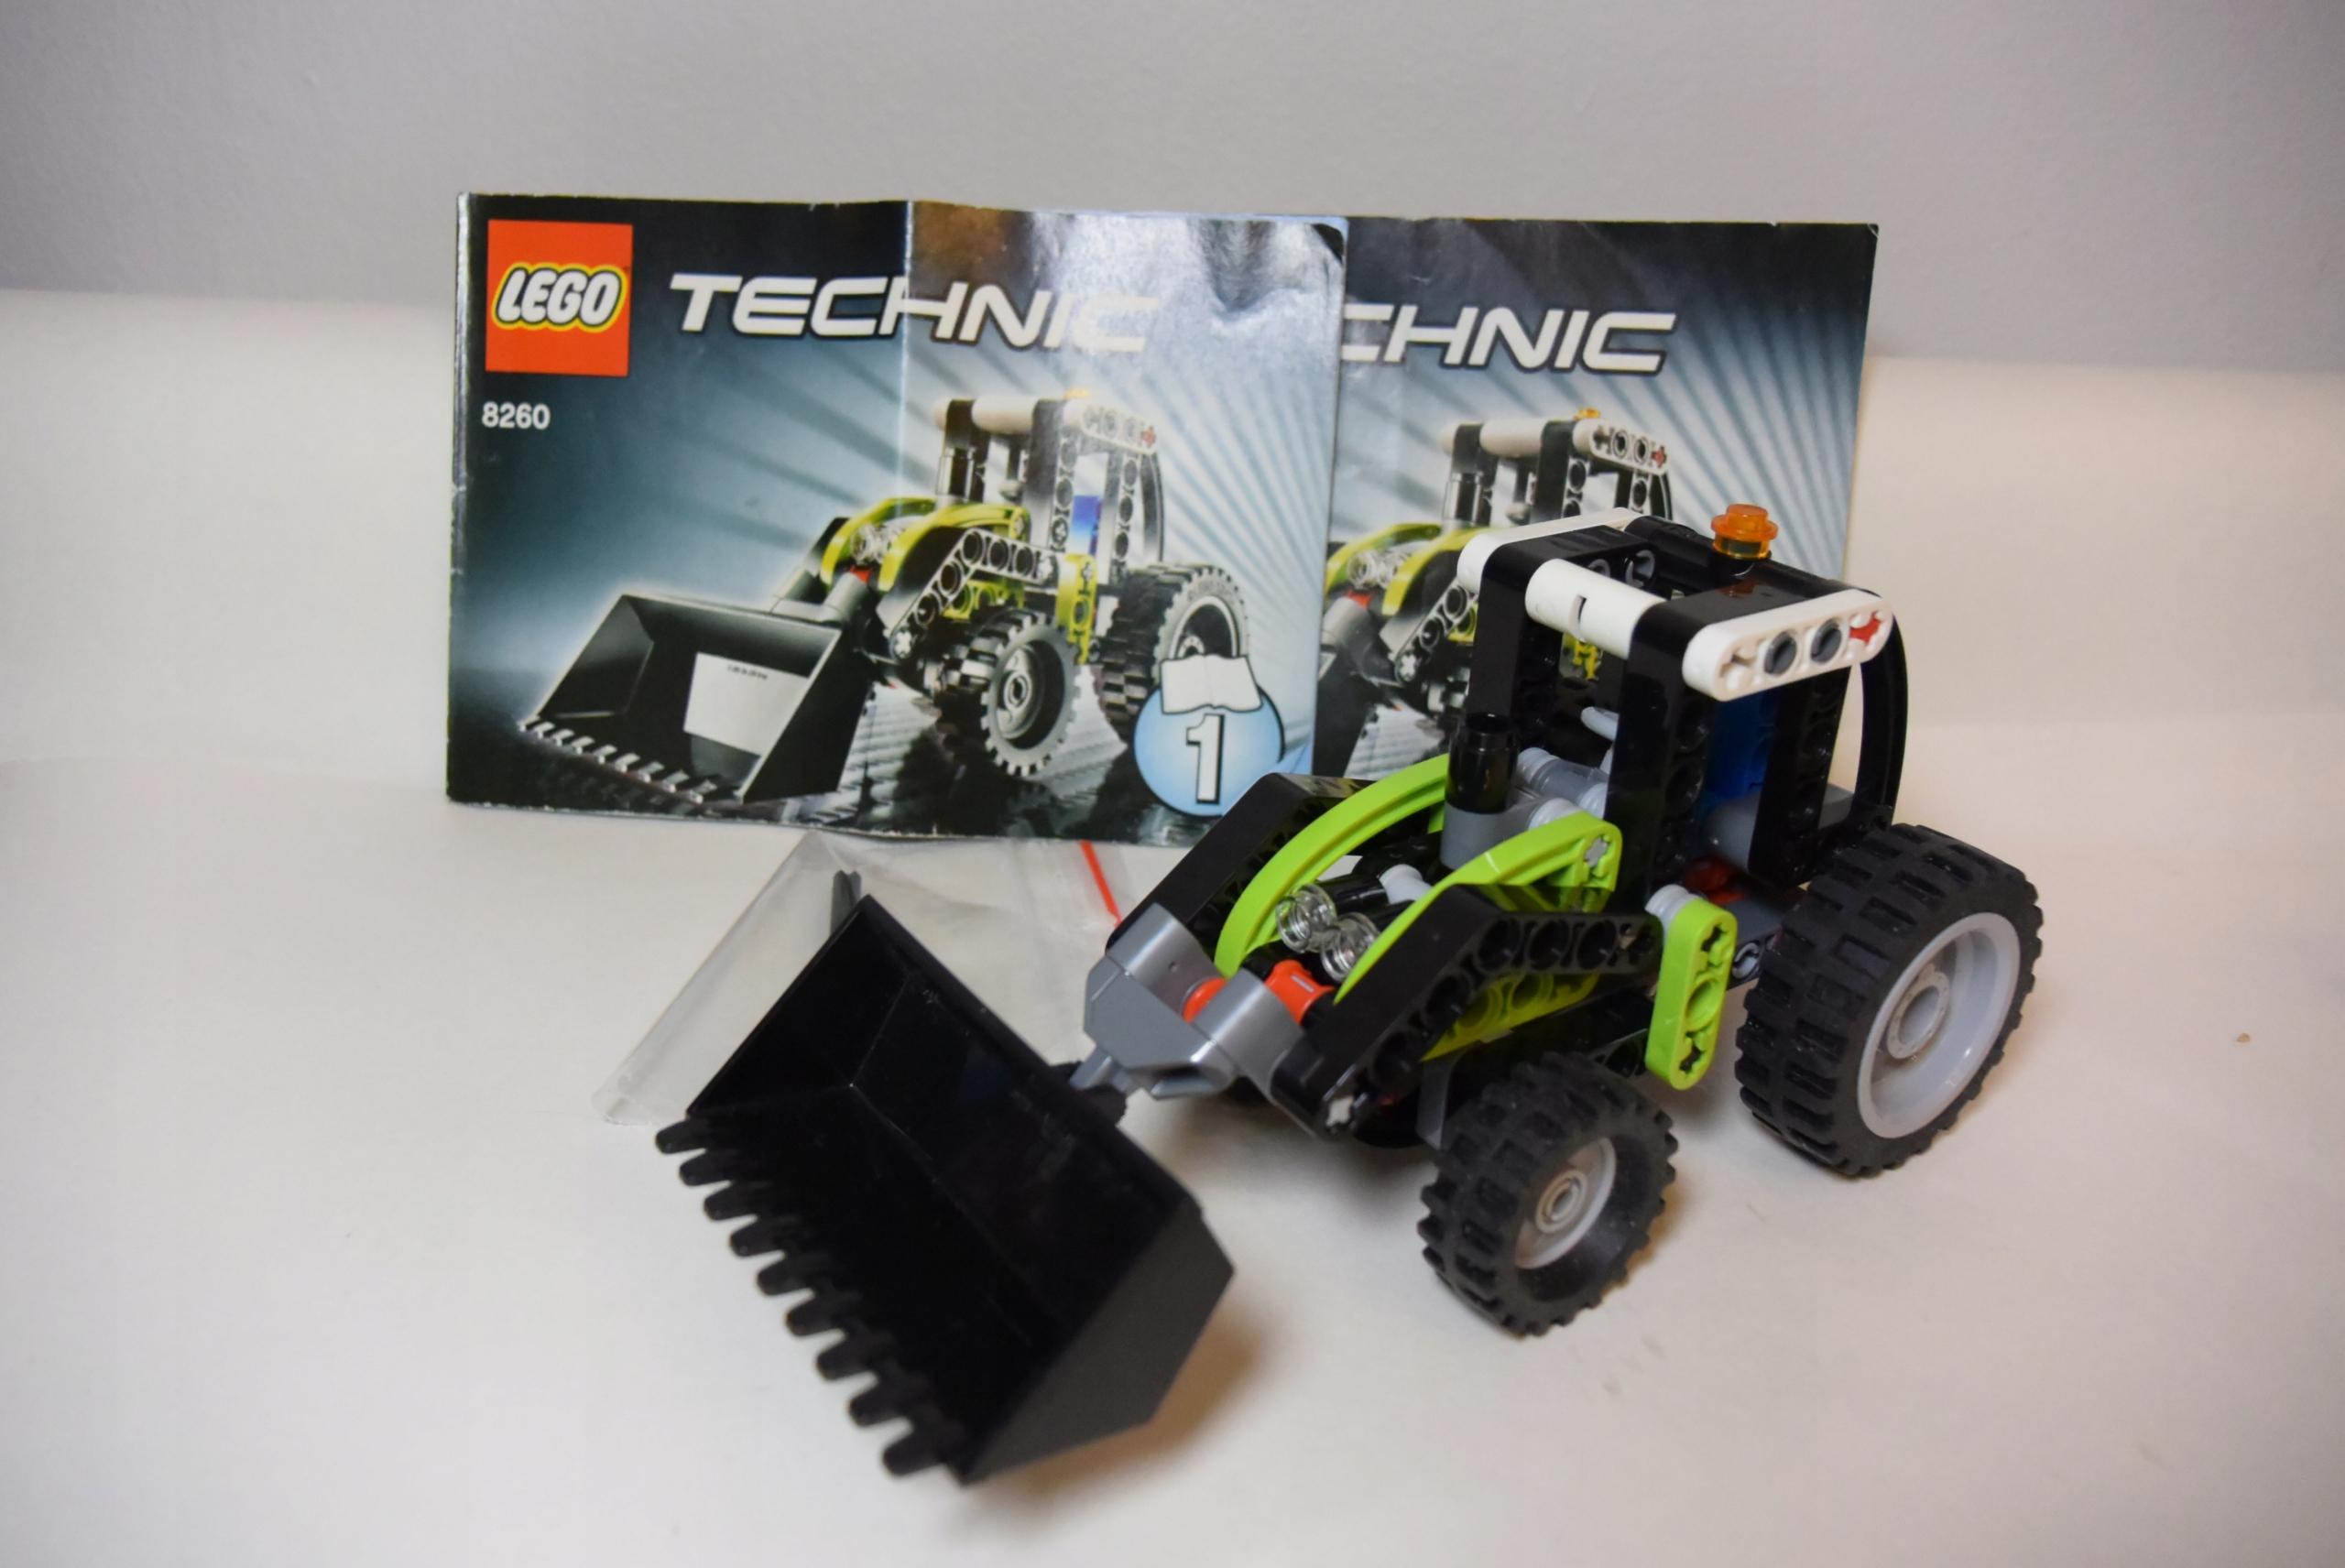 Klocki Lego Technic 8260 Traktor 7749920634 Oficjalne Archiwum